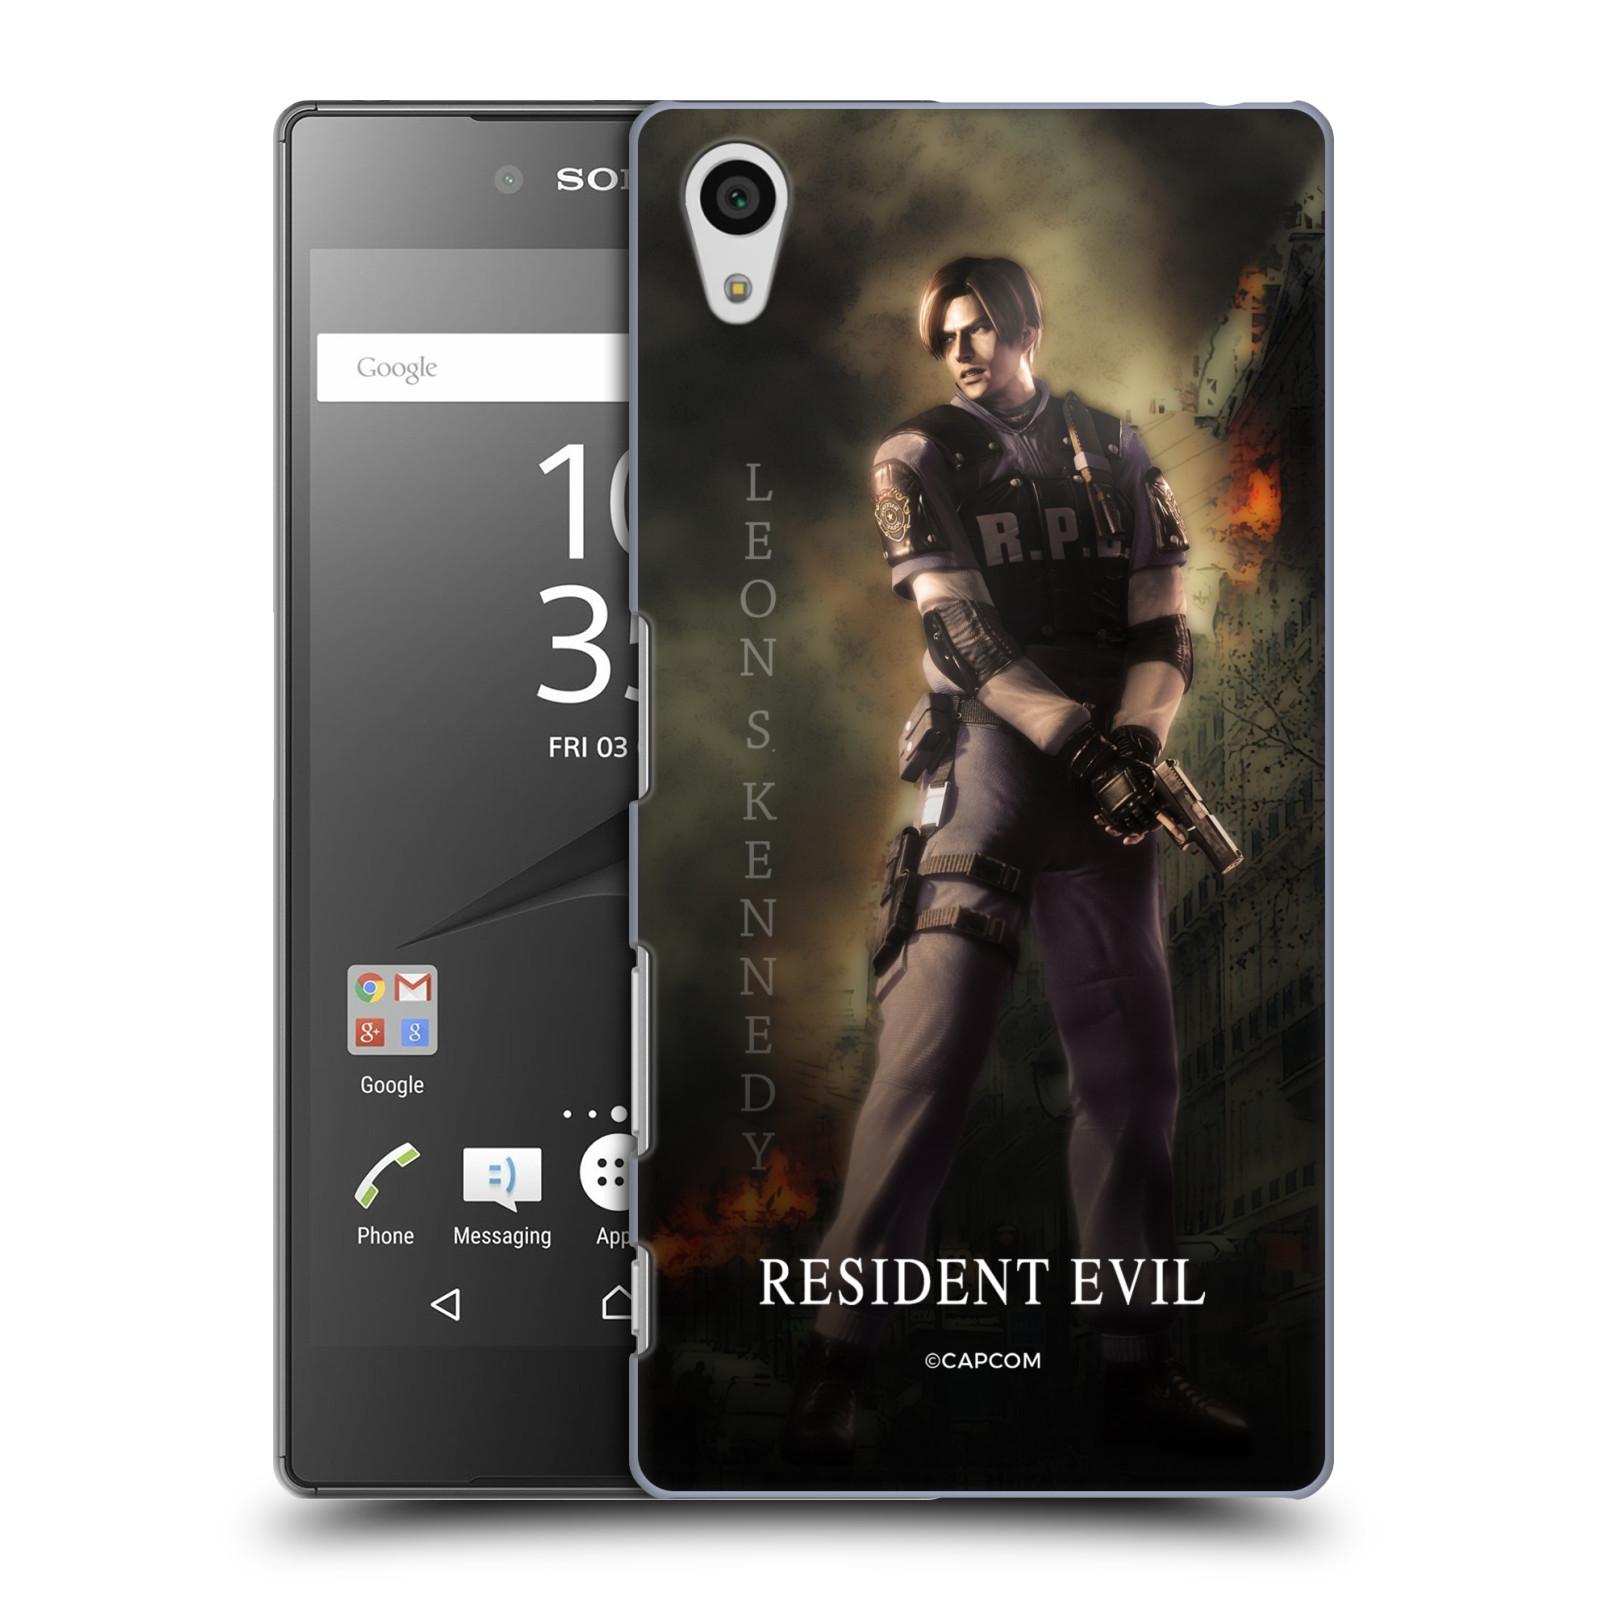 Pouzdro na mobil Sony Xperia Z5 Resident Evil Leon S. Kennedy